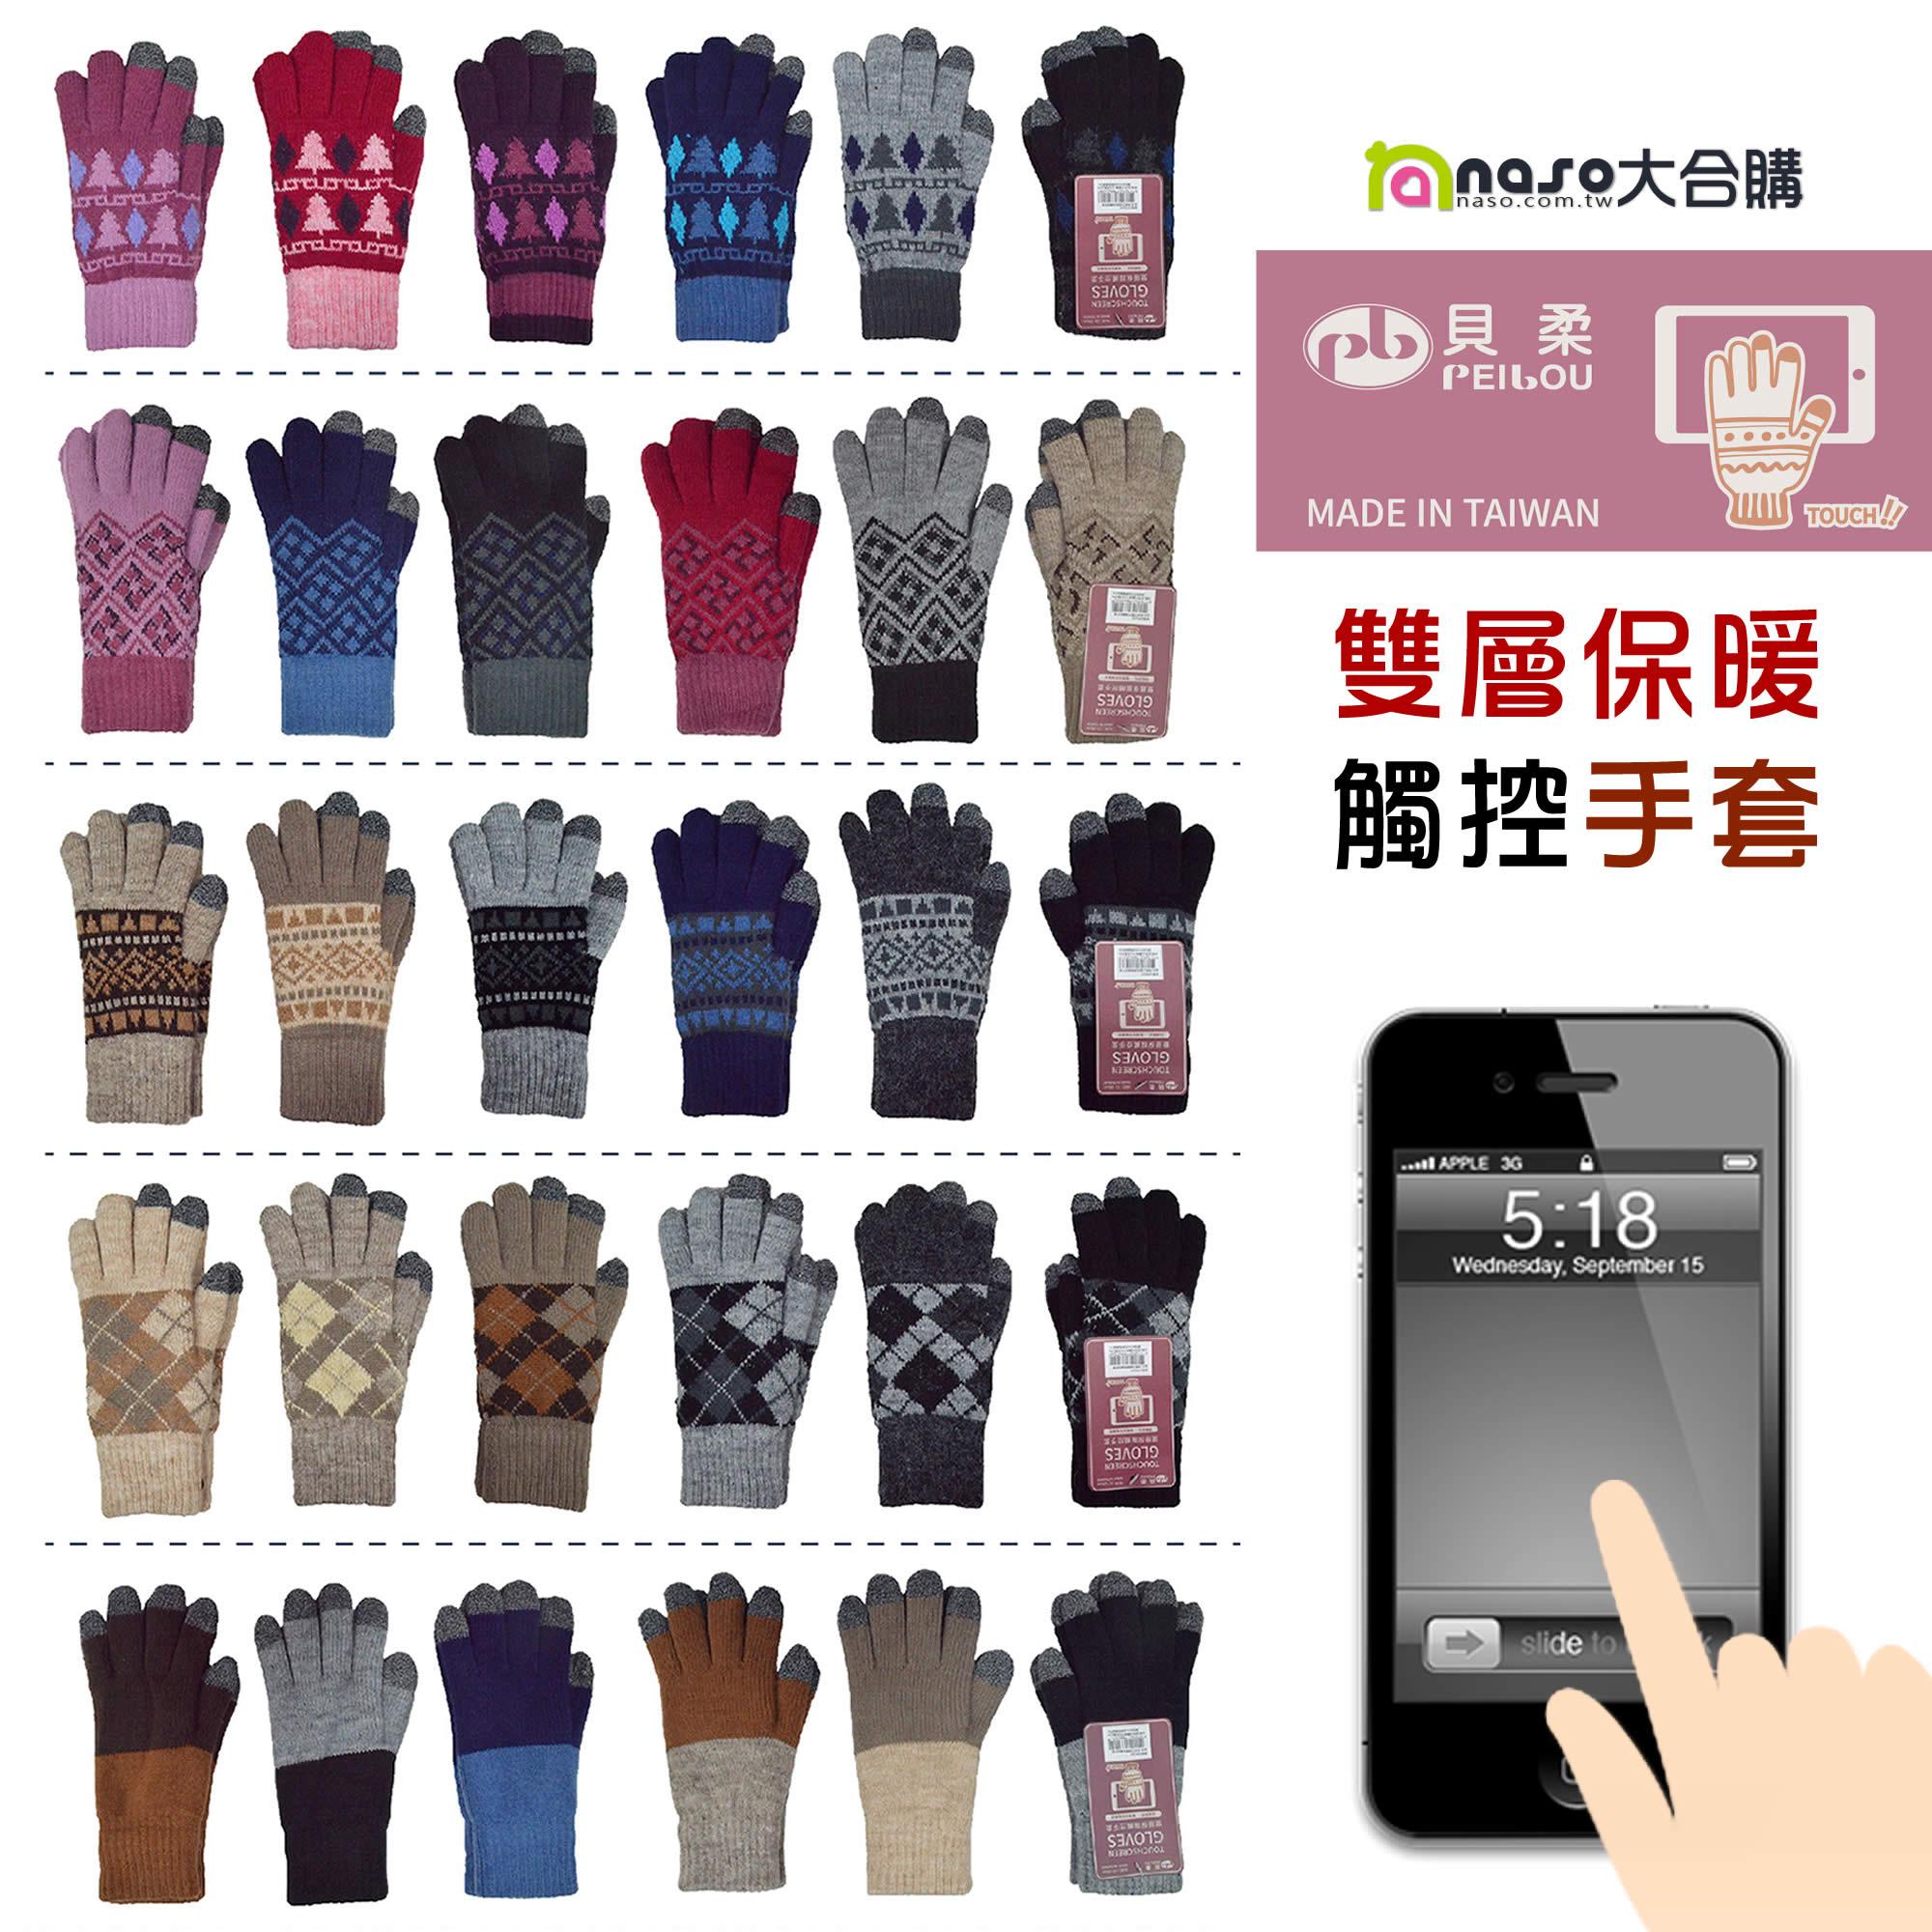 【台灣製造】貝柔毛線針織雙層保暖觸控手套 好評第4團